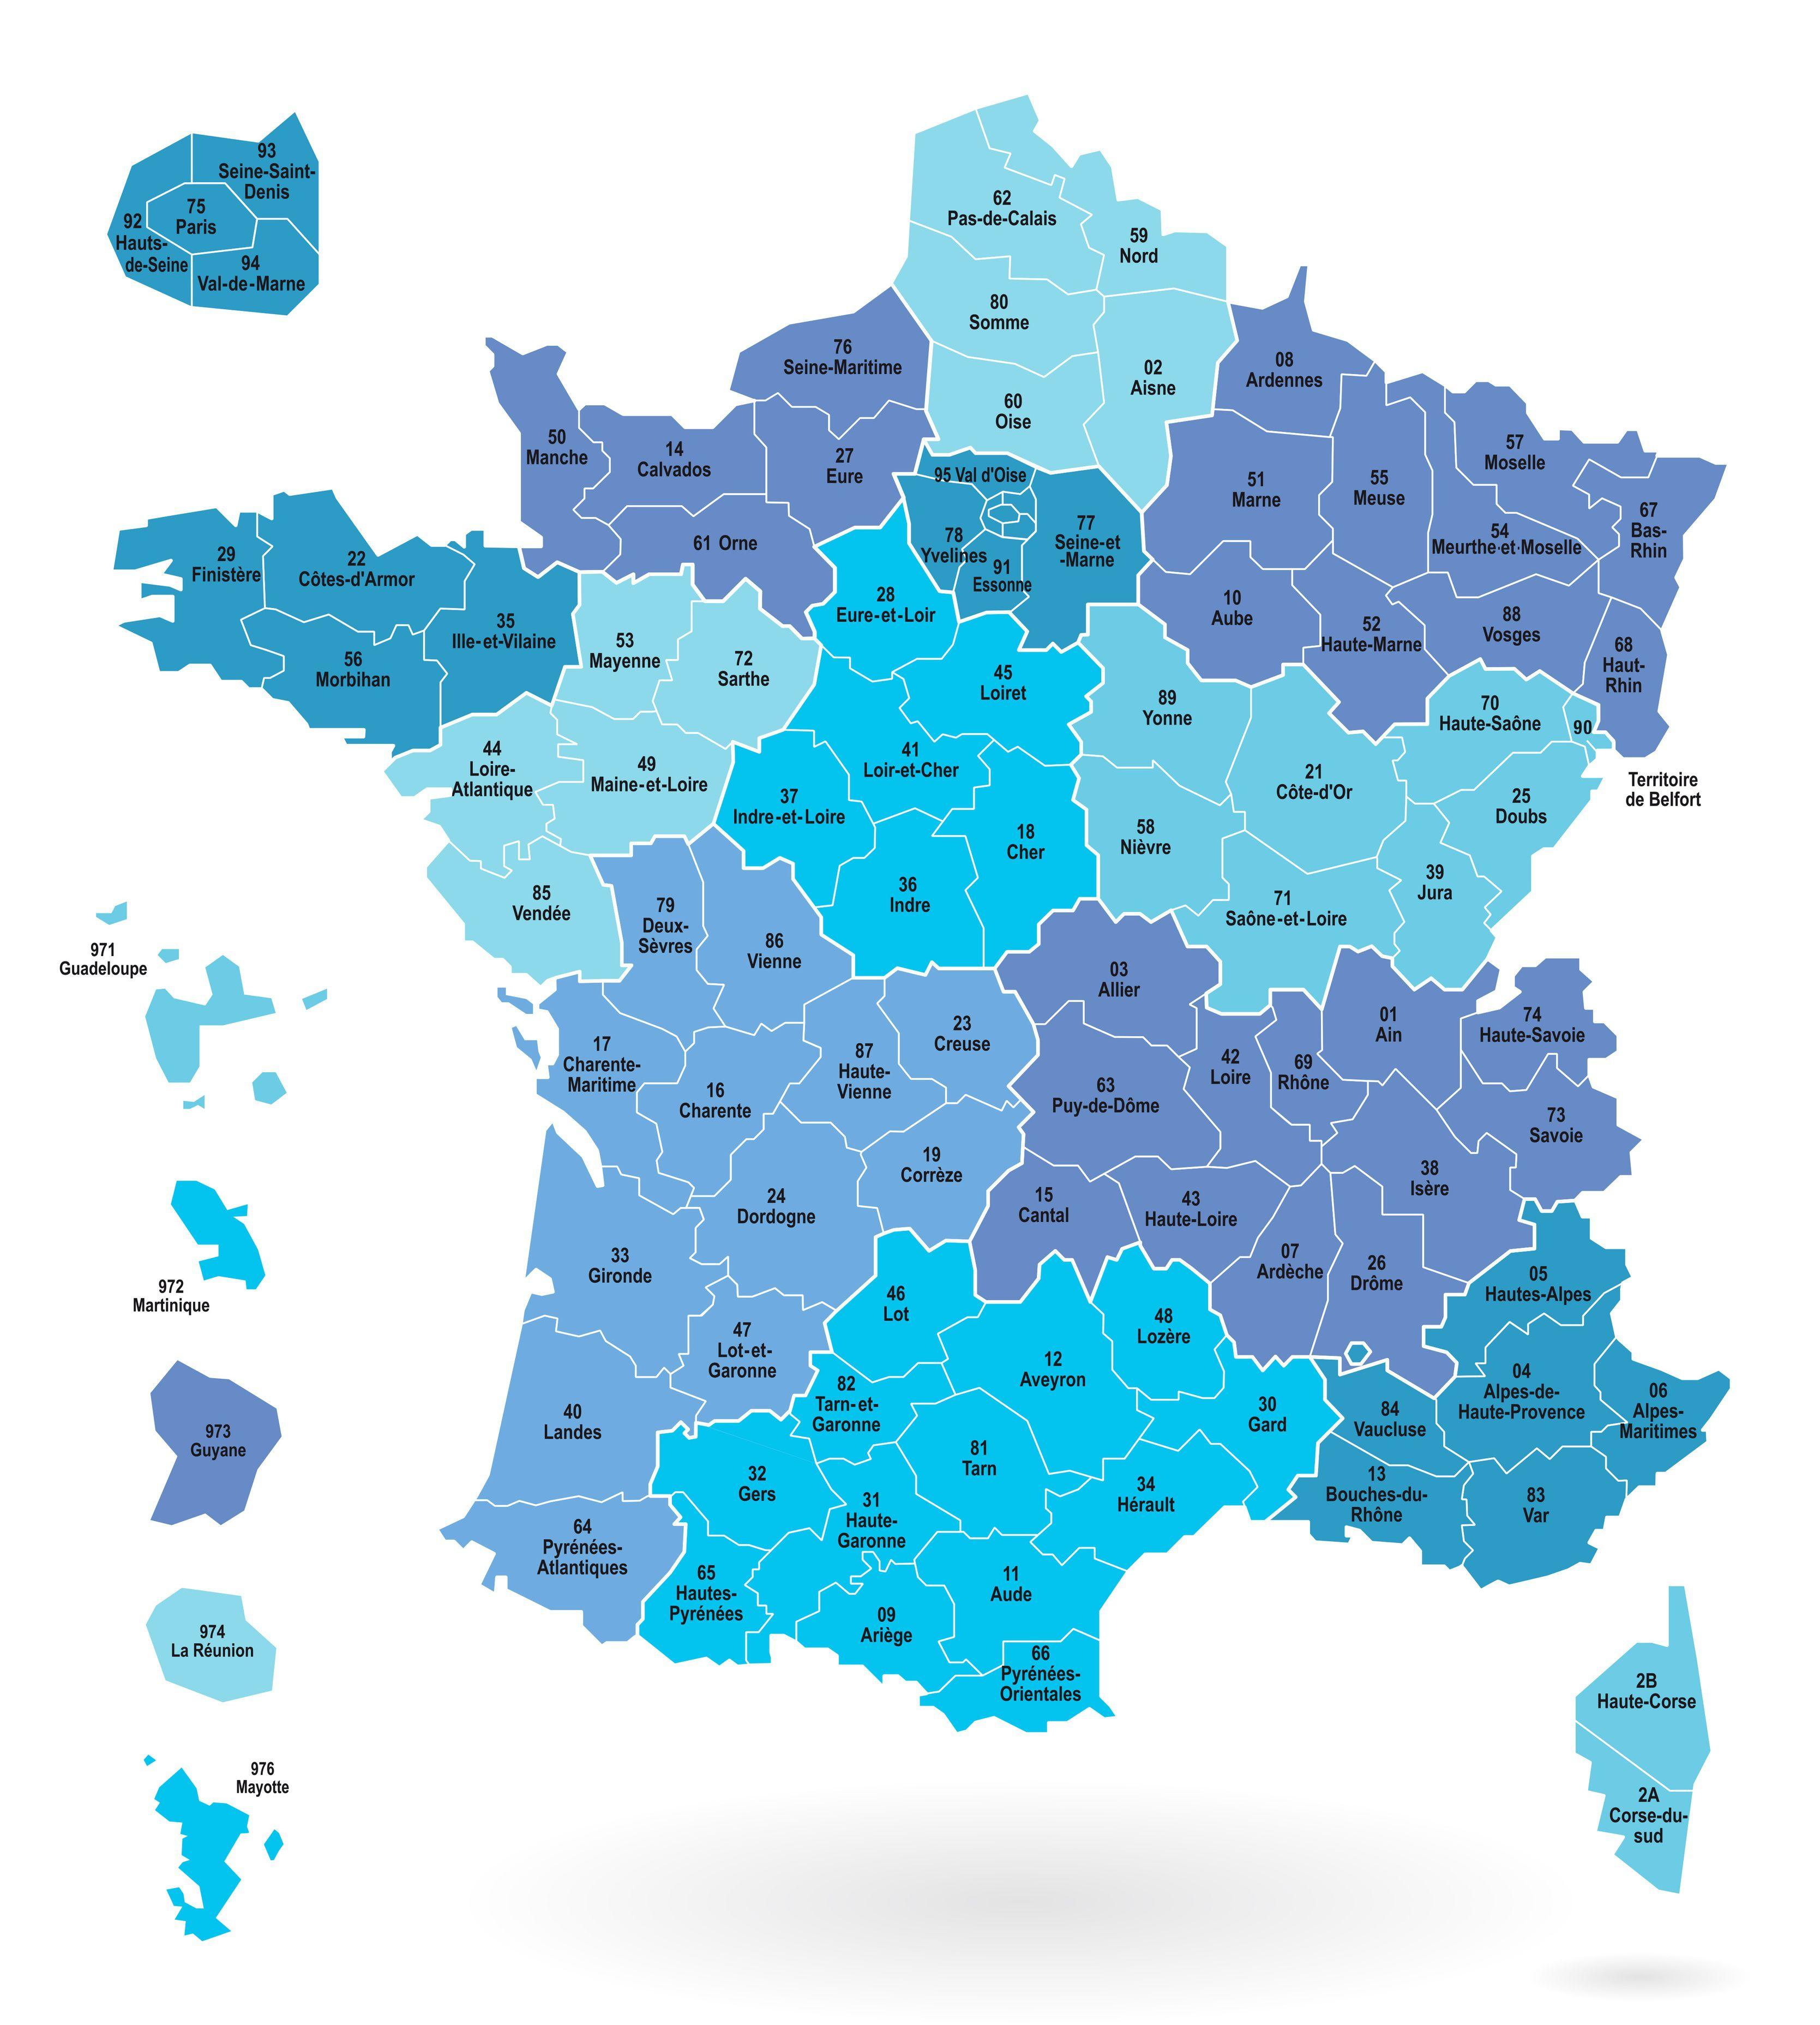 Carte des départements et régions de France